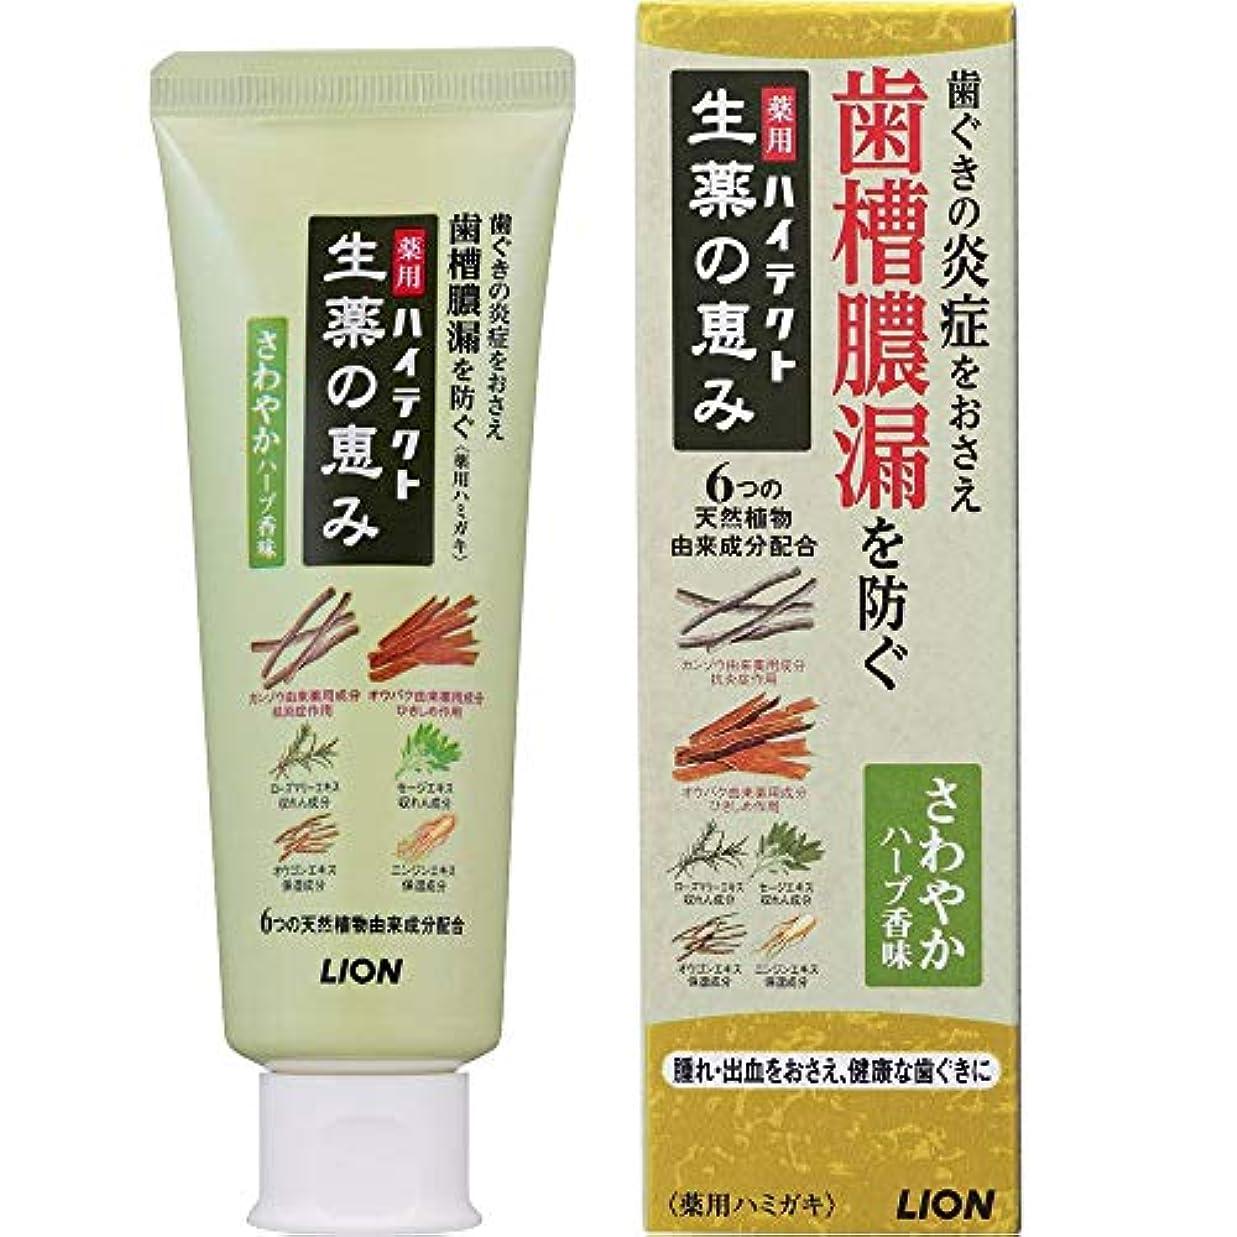 り補うシェルター薬用ハイテクト生薬の恵み さわやかハーブ香味 90g